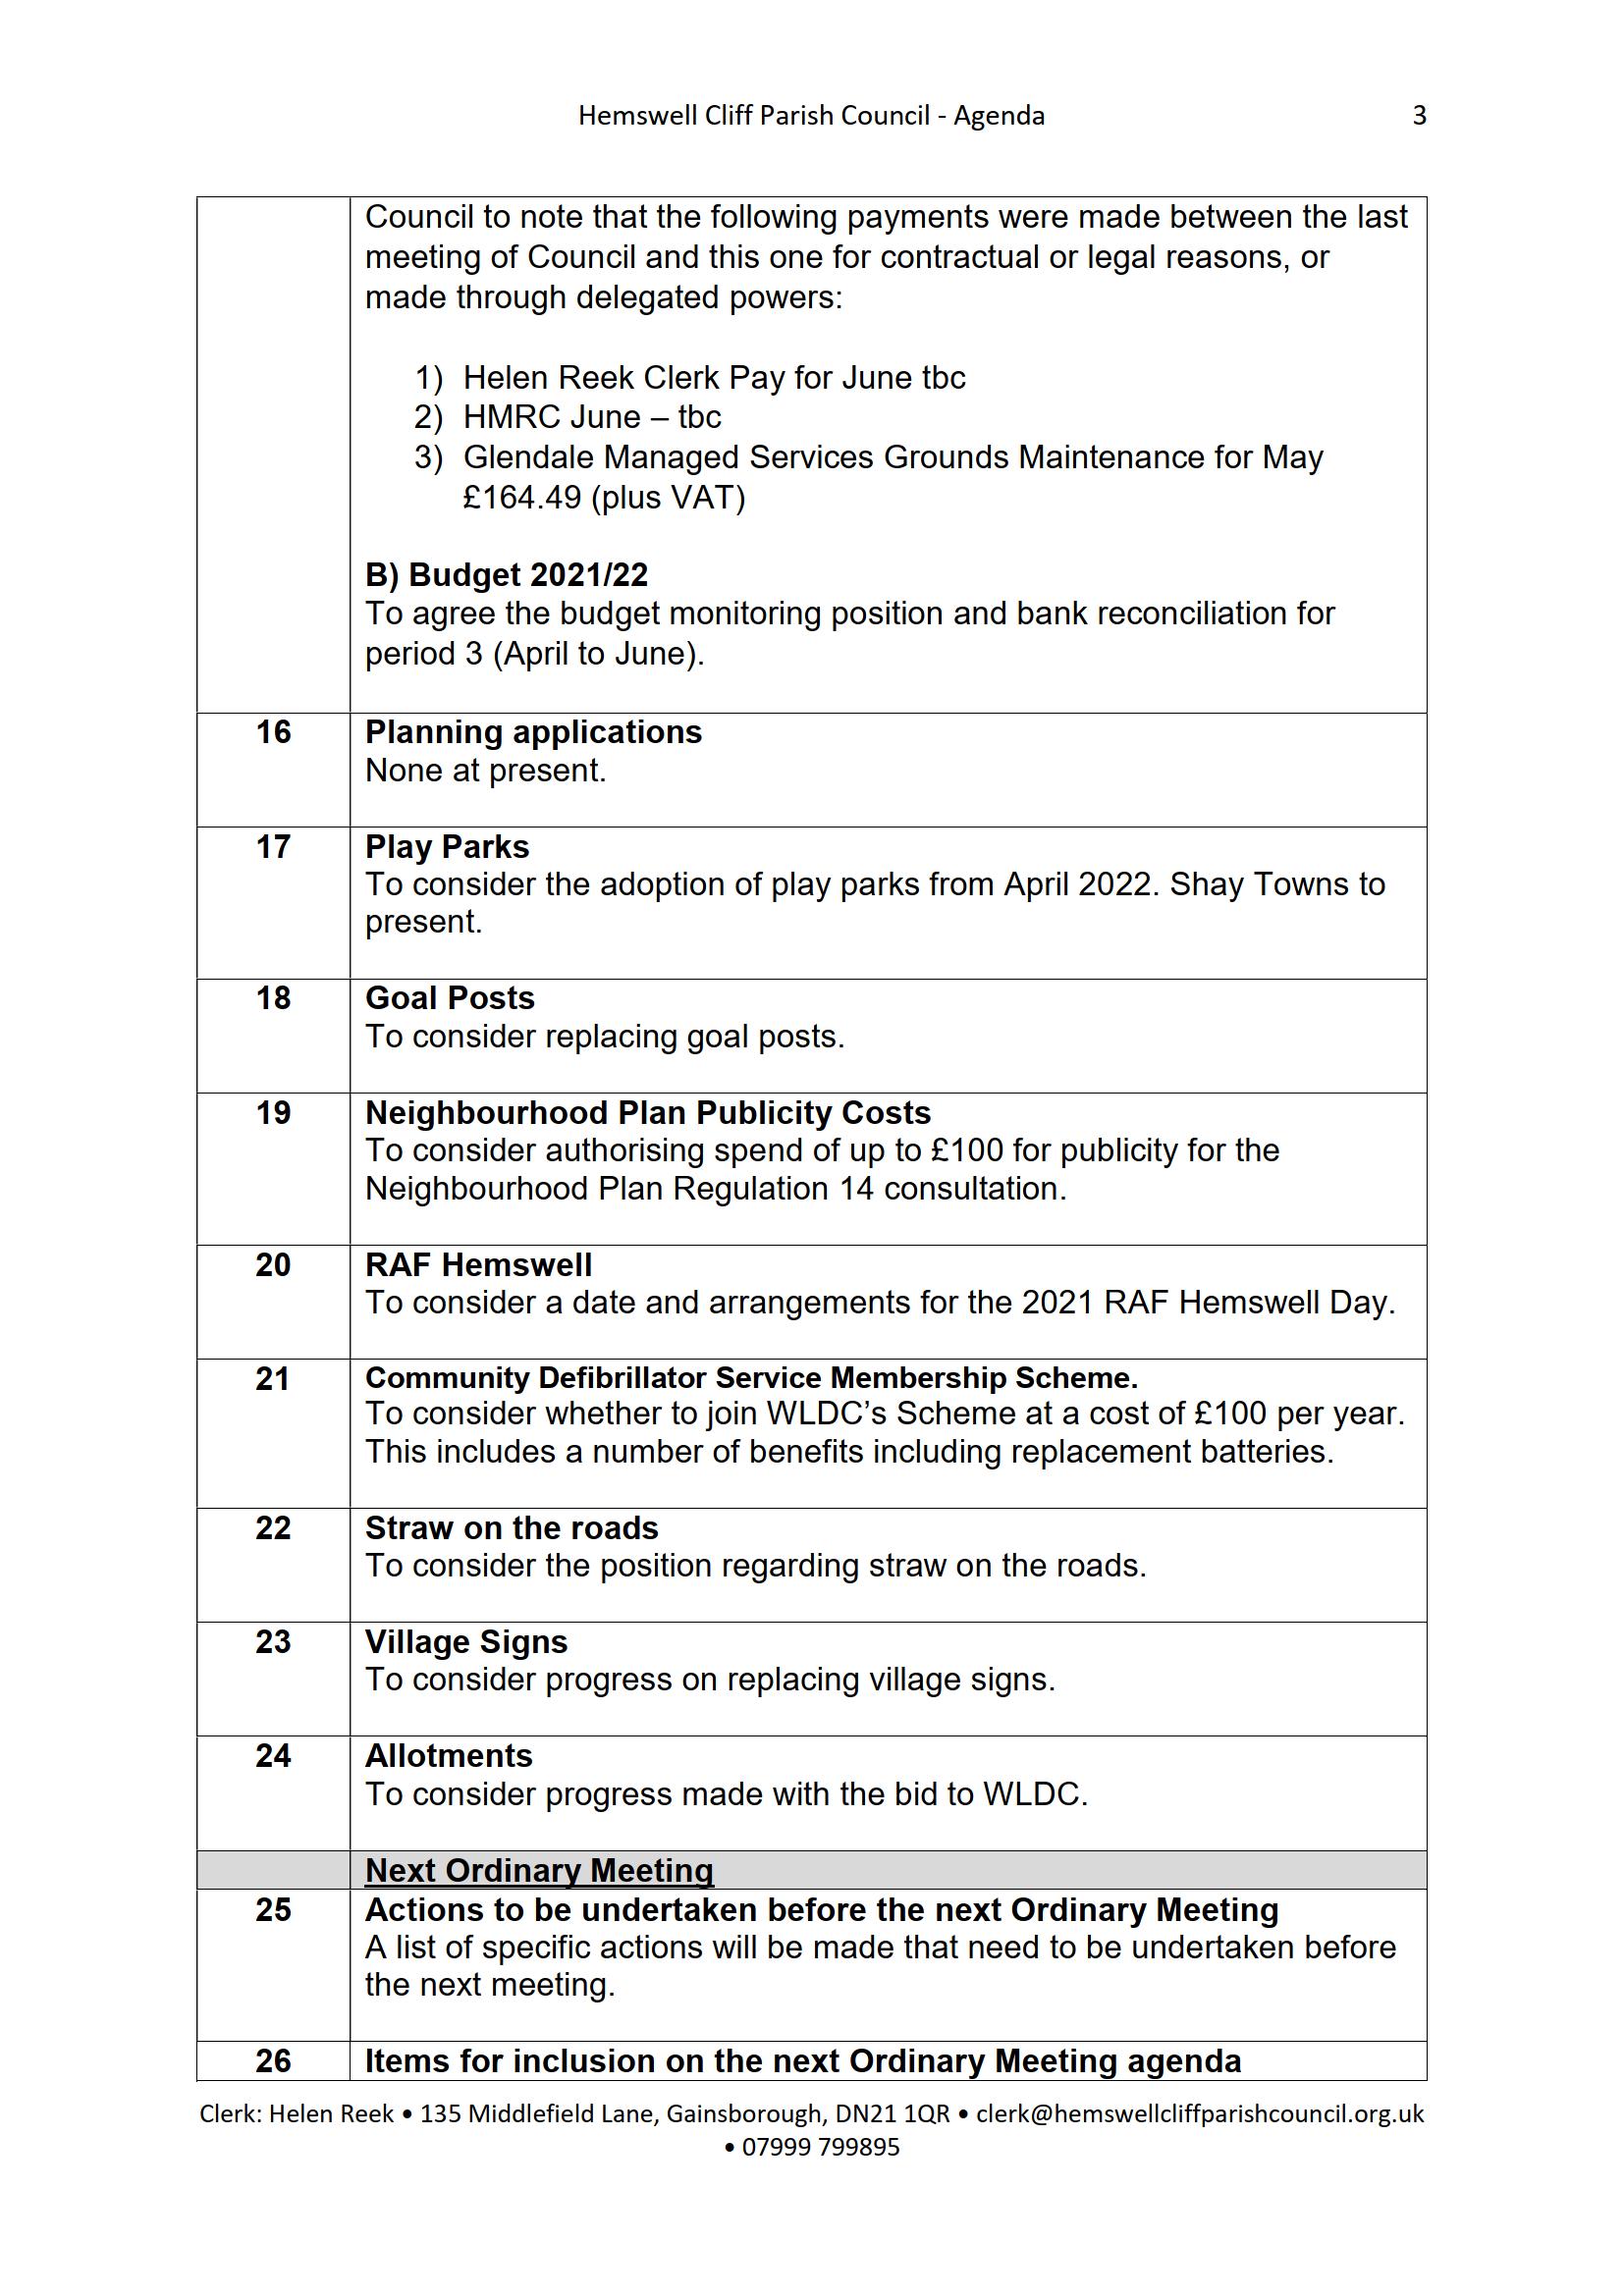 HCPC_Agenda_05.07.21_3.png